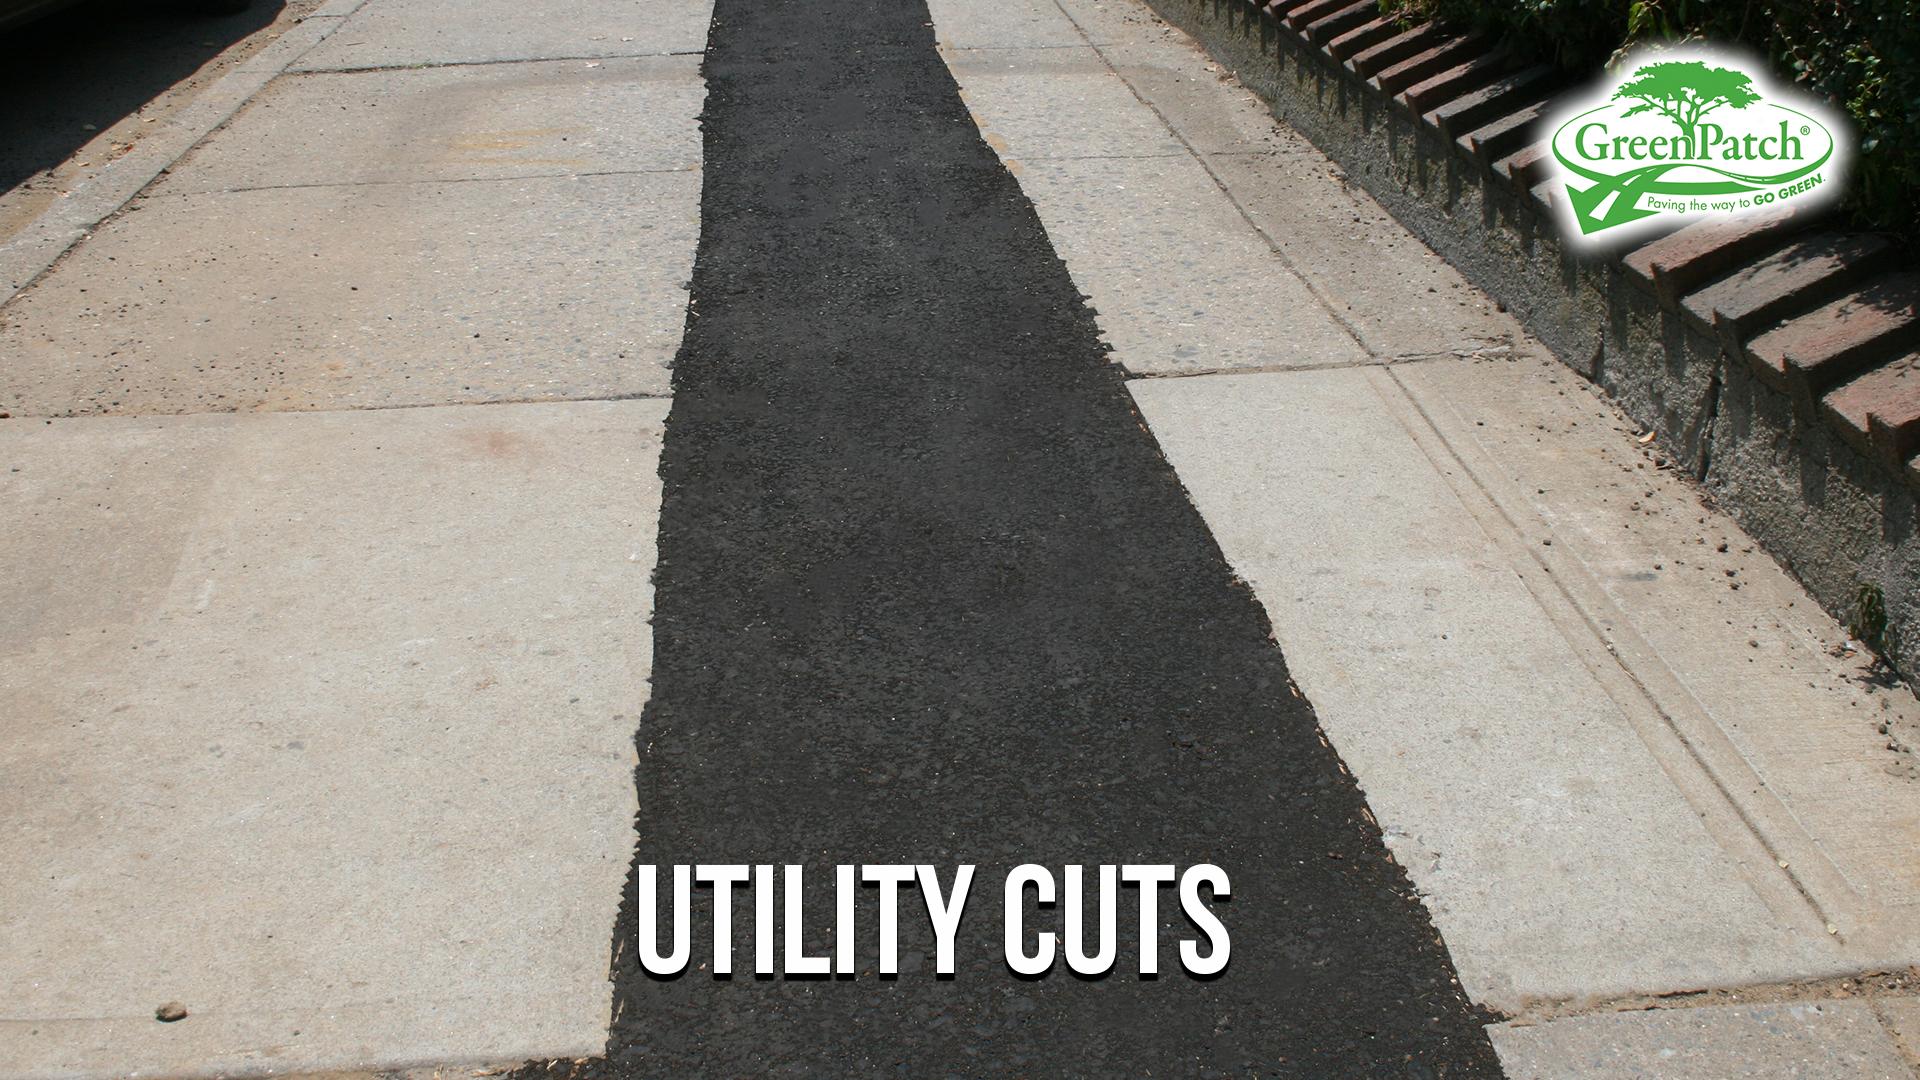 utility cuts.jpg